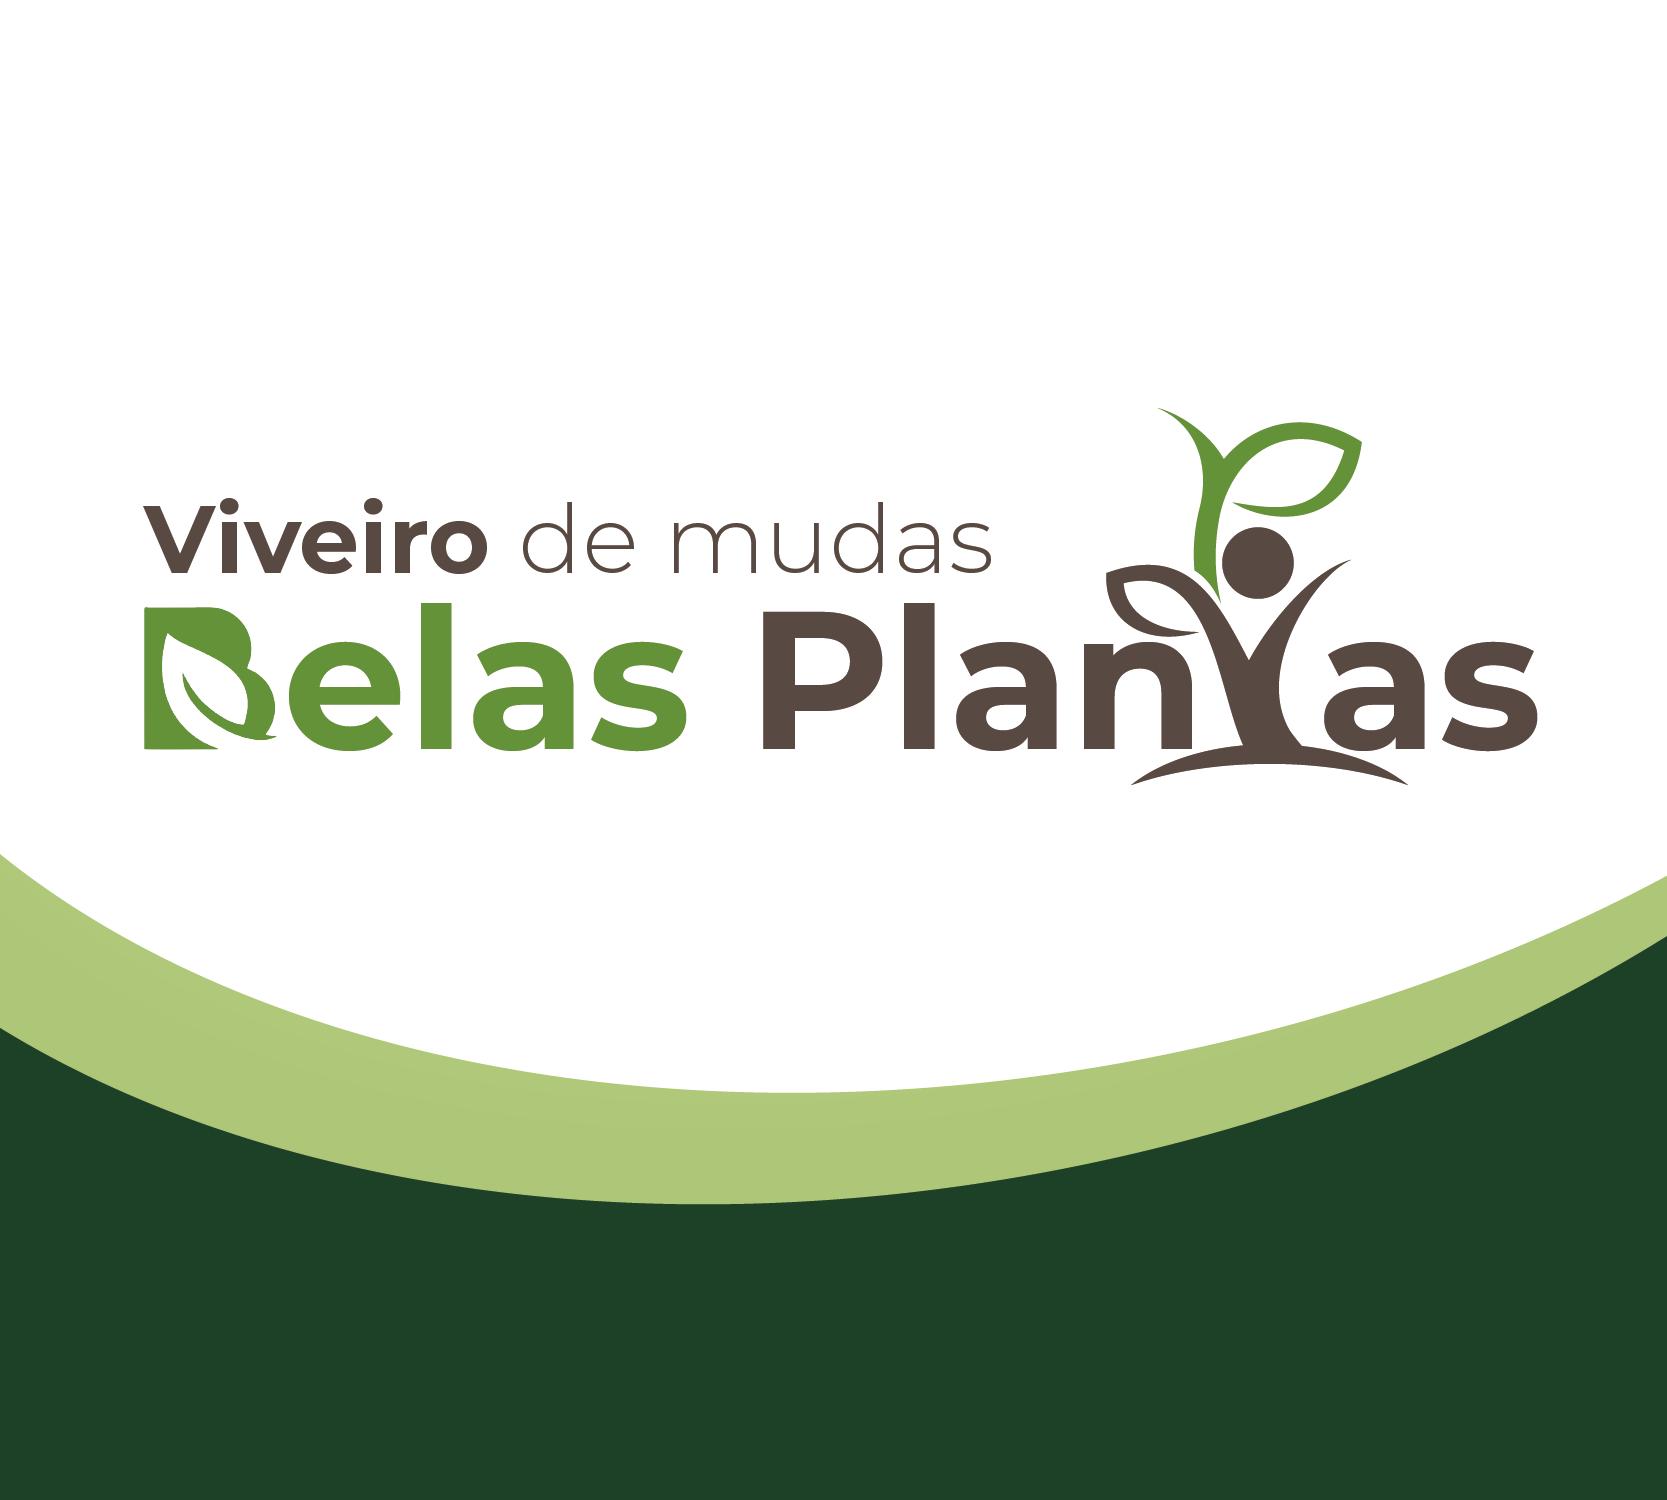 Viveiro de Mudas Belas Plantas em Guarujá